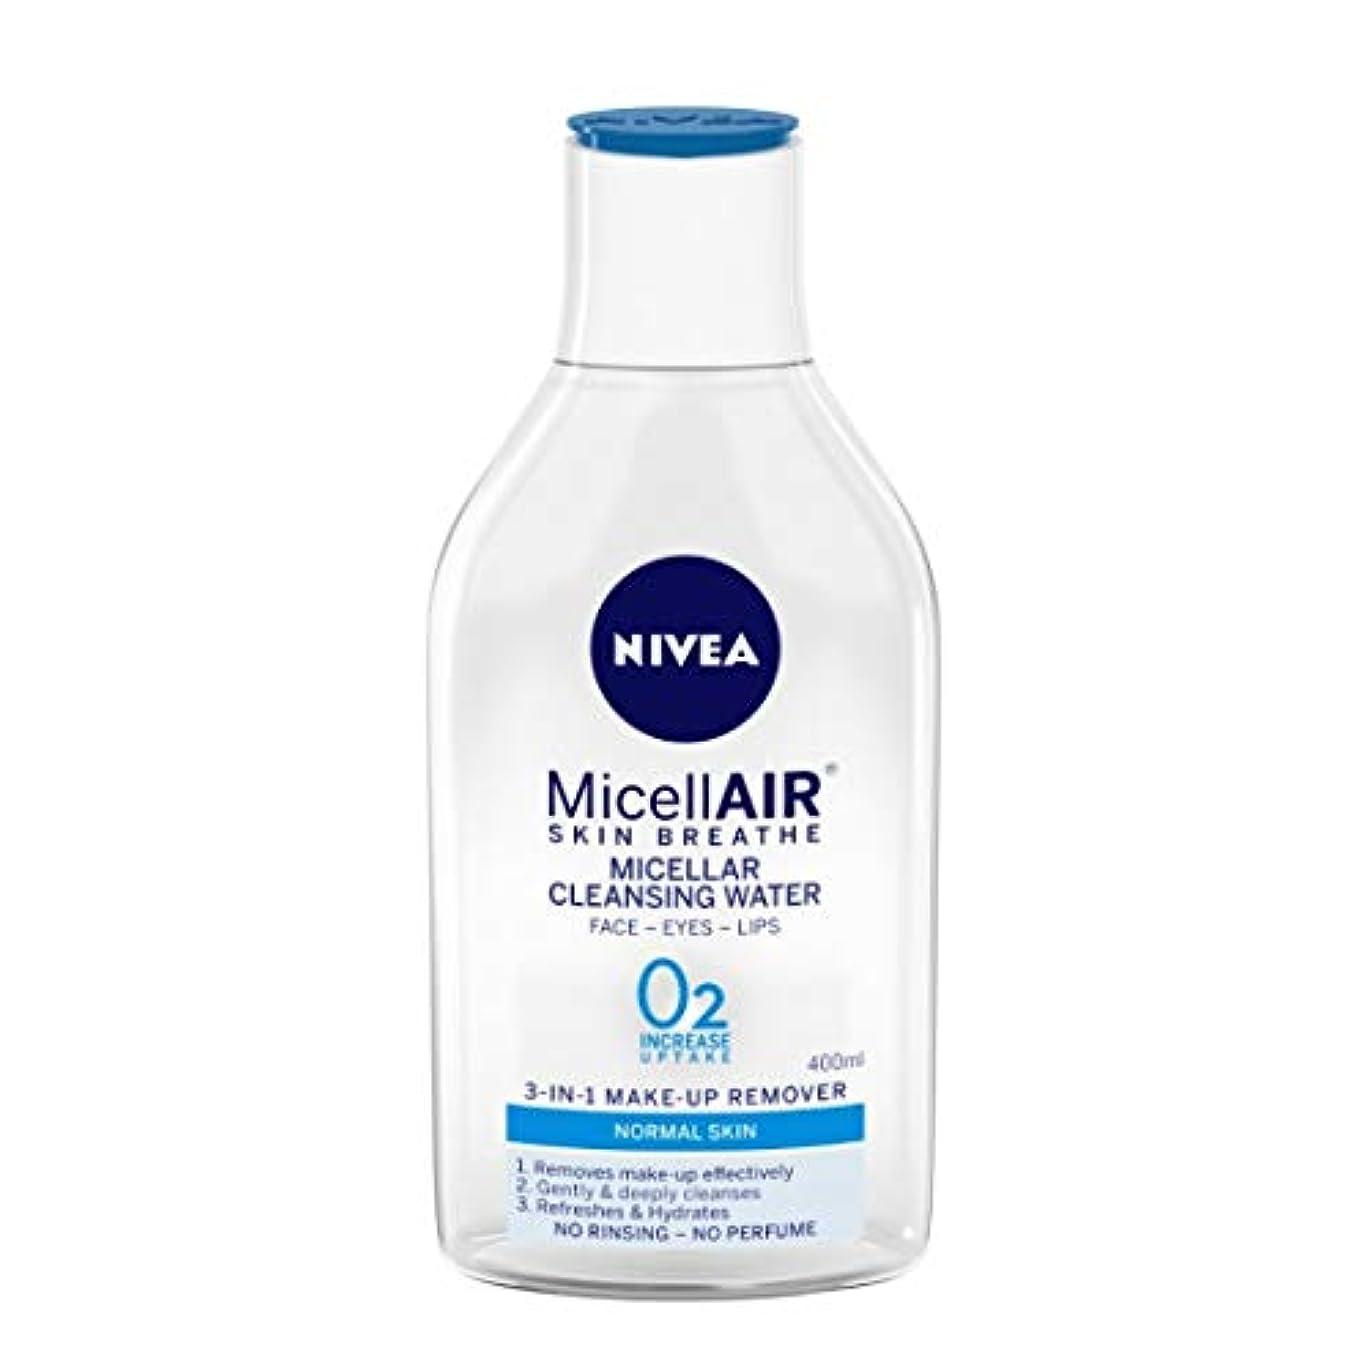 化学放牧する姿勢NIVEA Micellar Cleansing Water, MicellAIR Skin Breathe Make Up Remover, 400ml